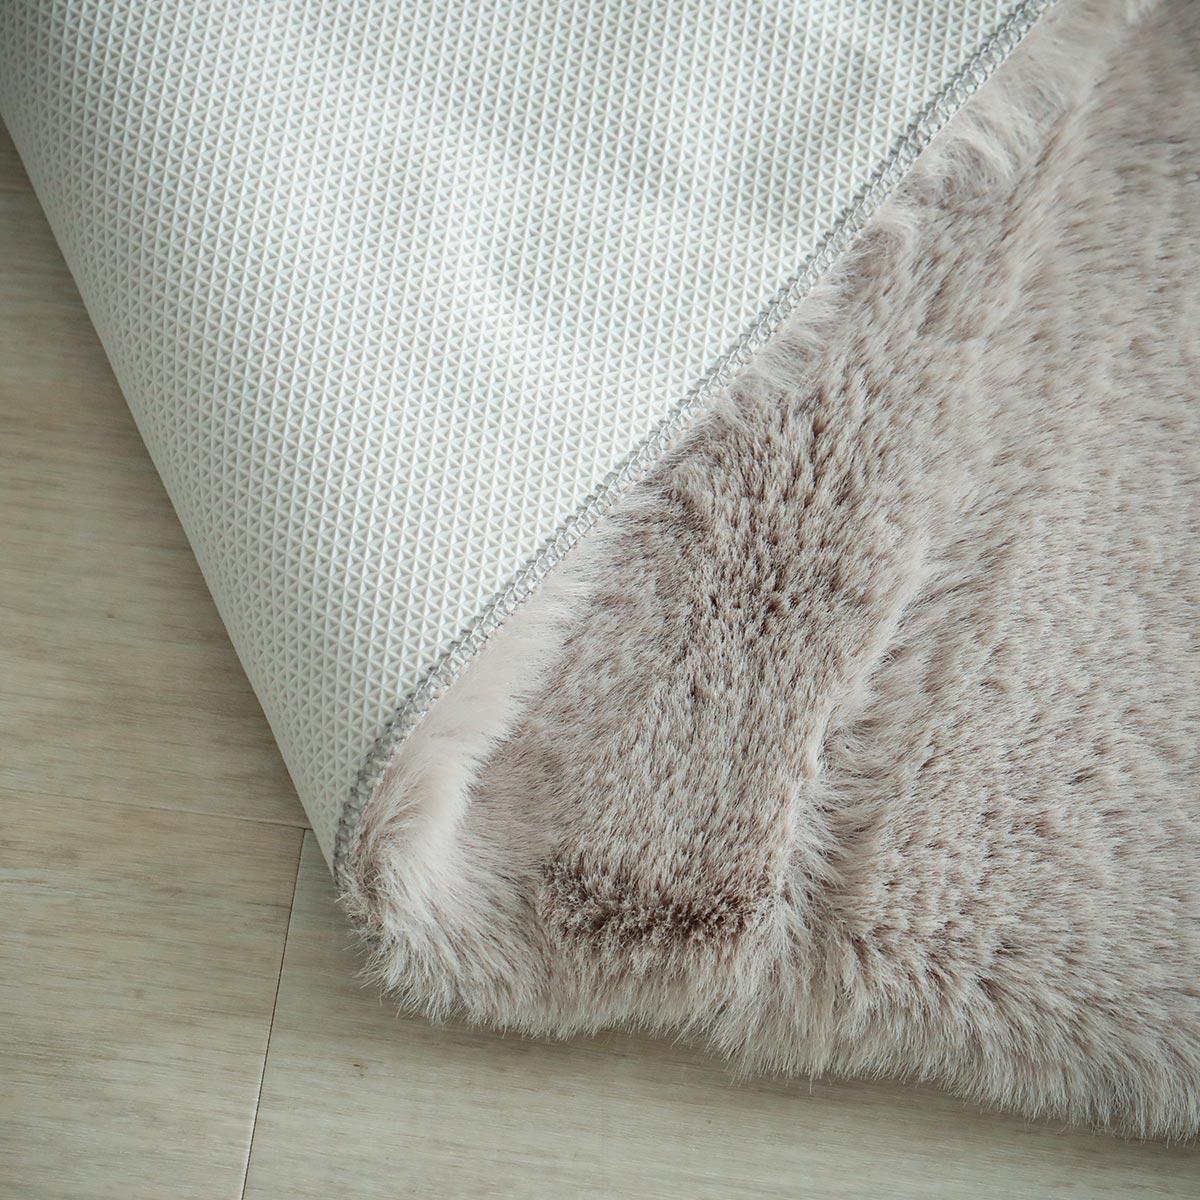 スベリ止め加工、ホットカーペット・床暖房対応でオールシーズン使えます。